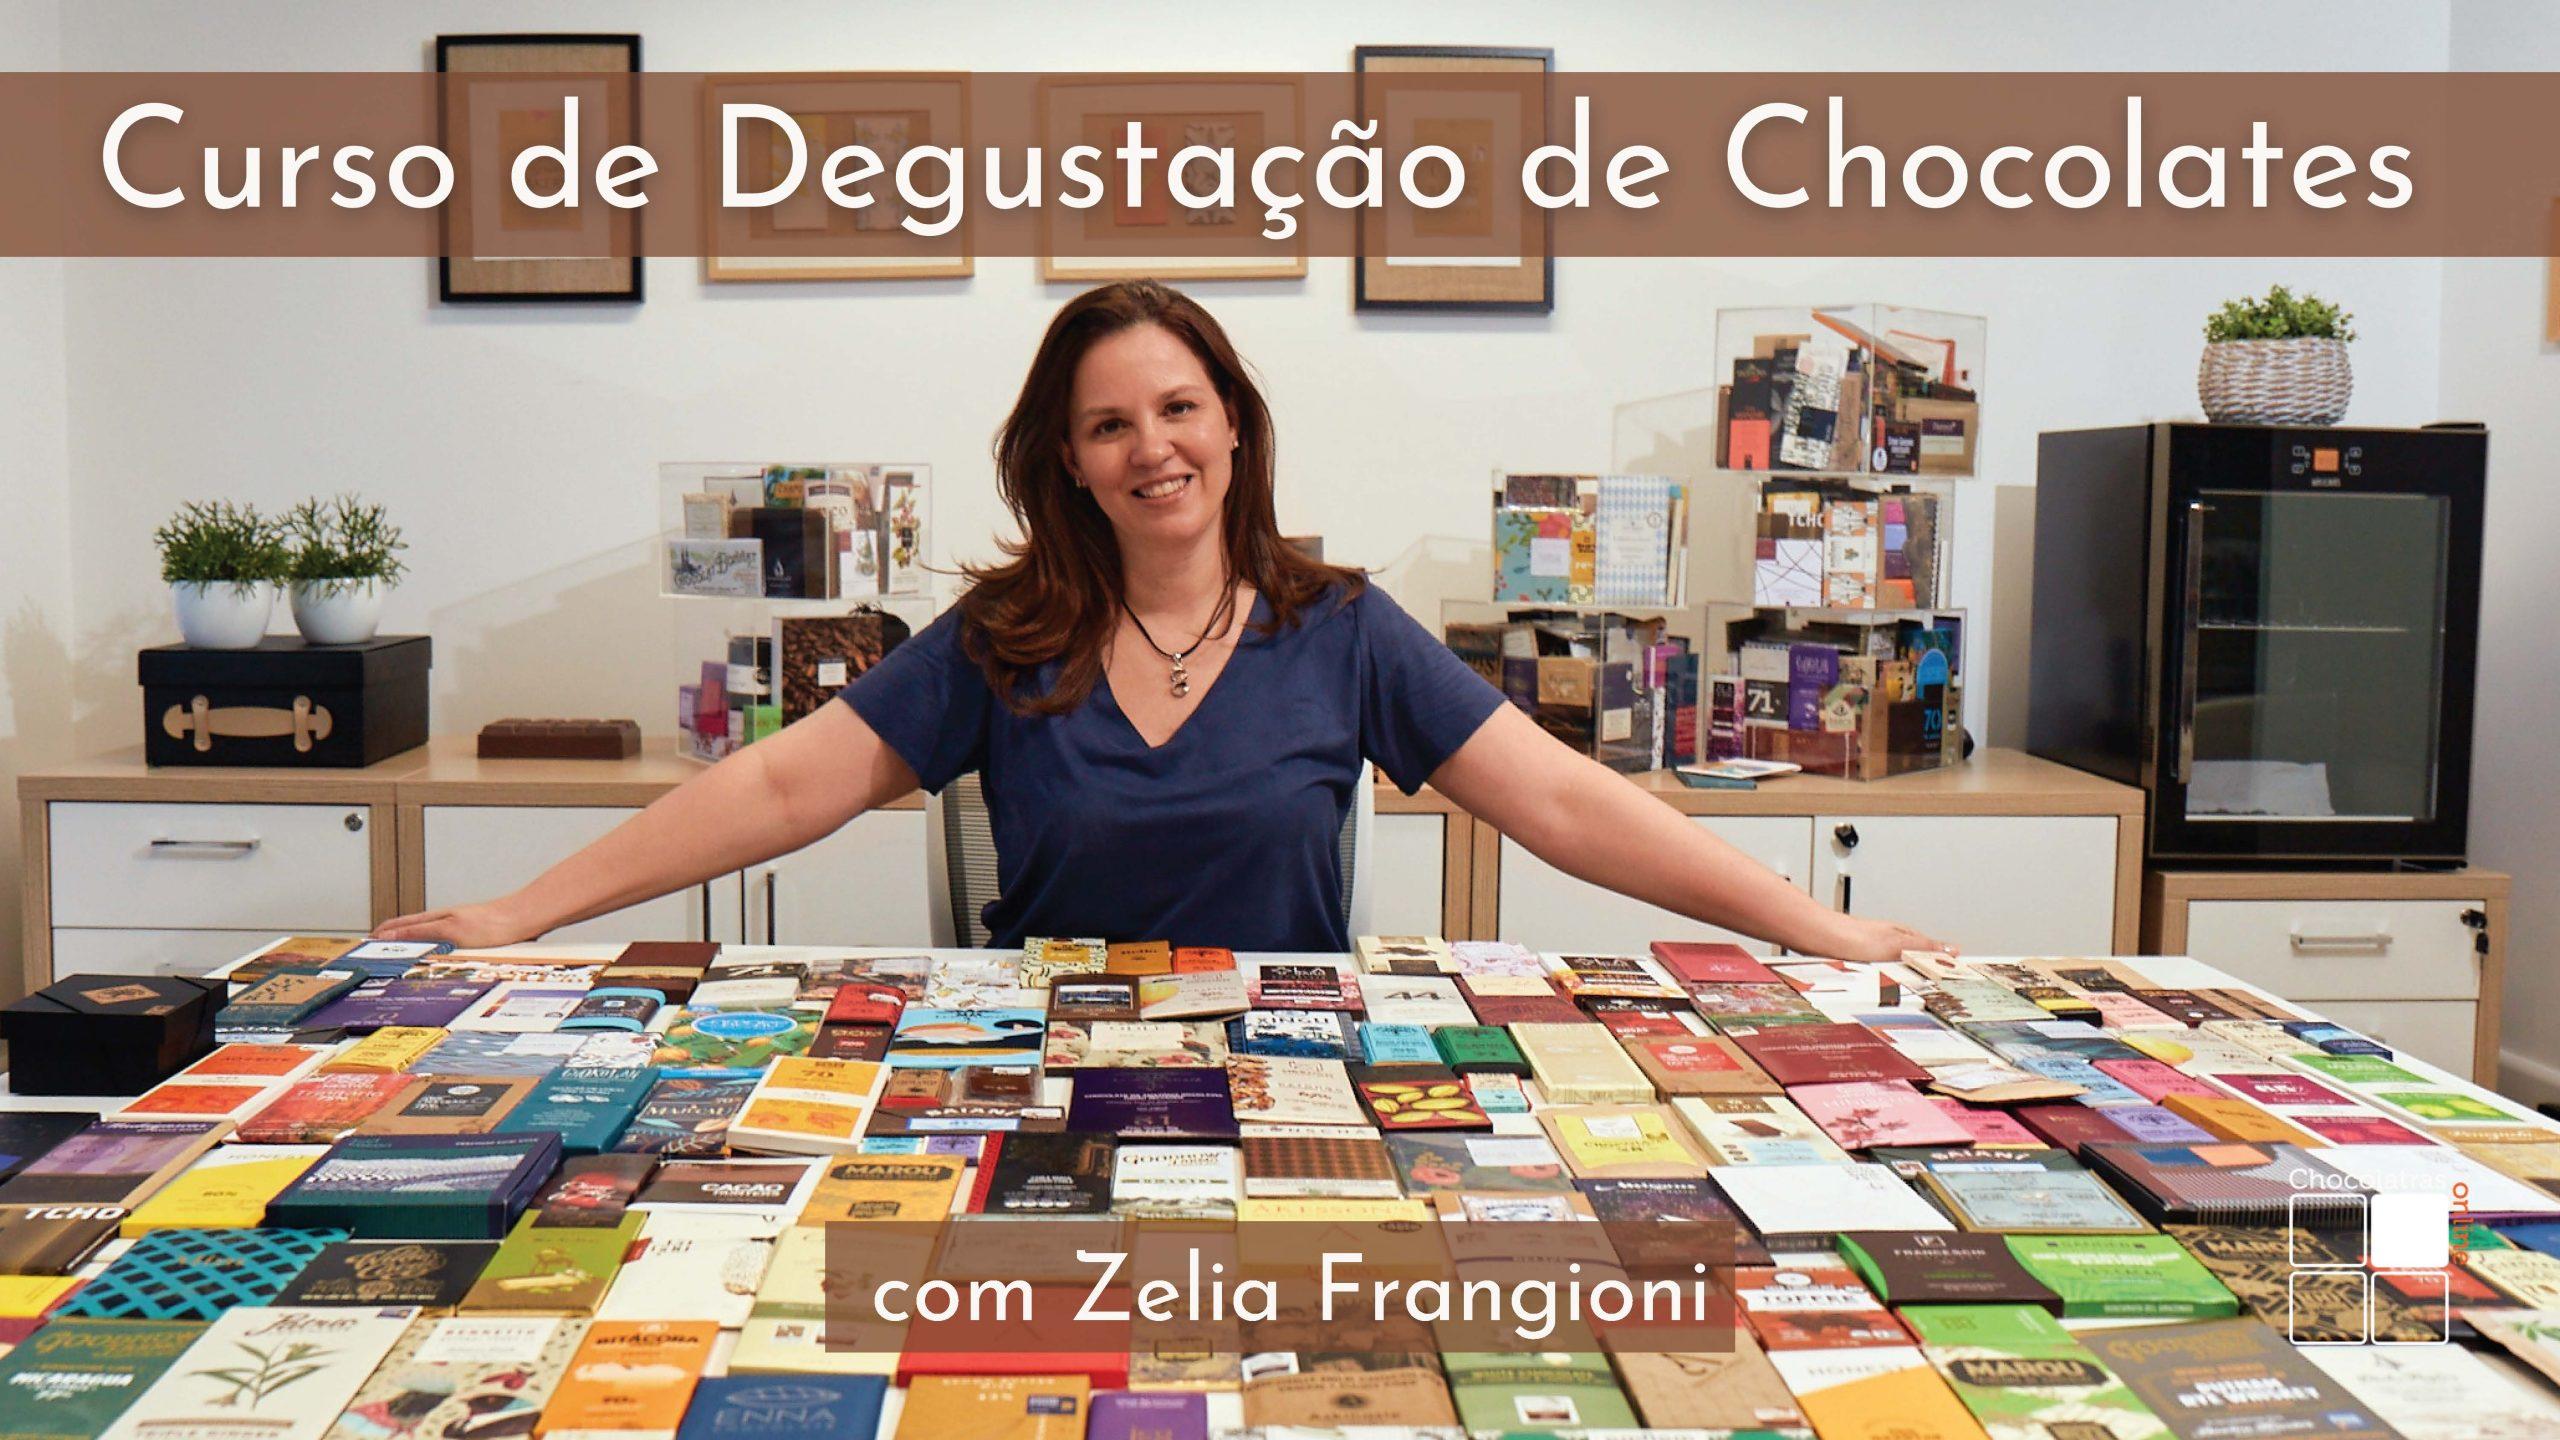 Curso de degustação de chocolates